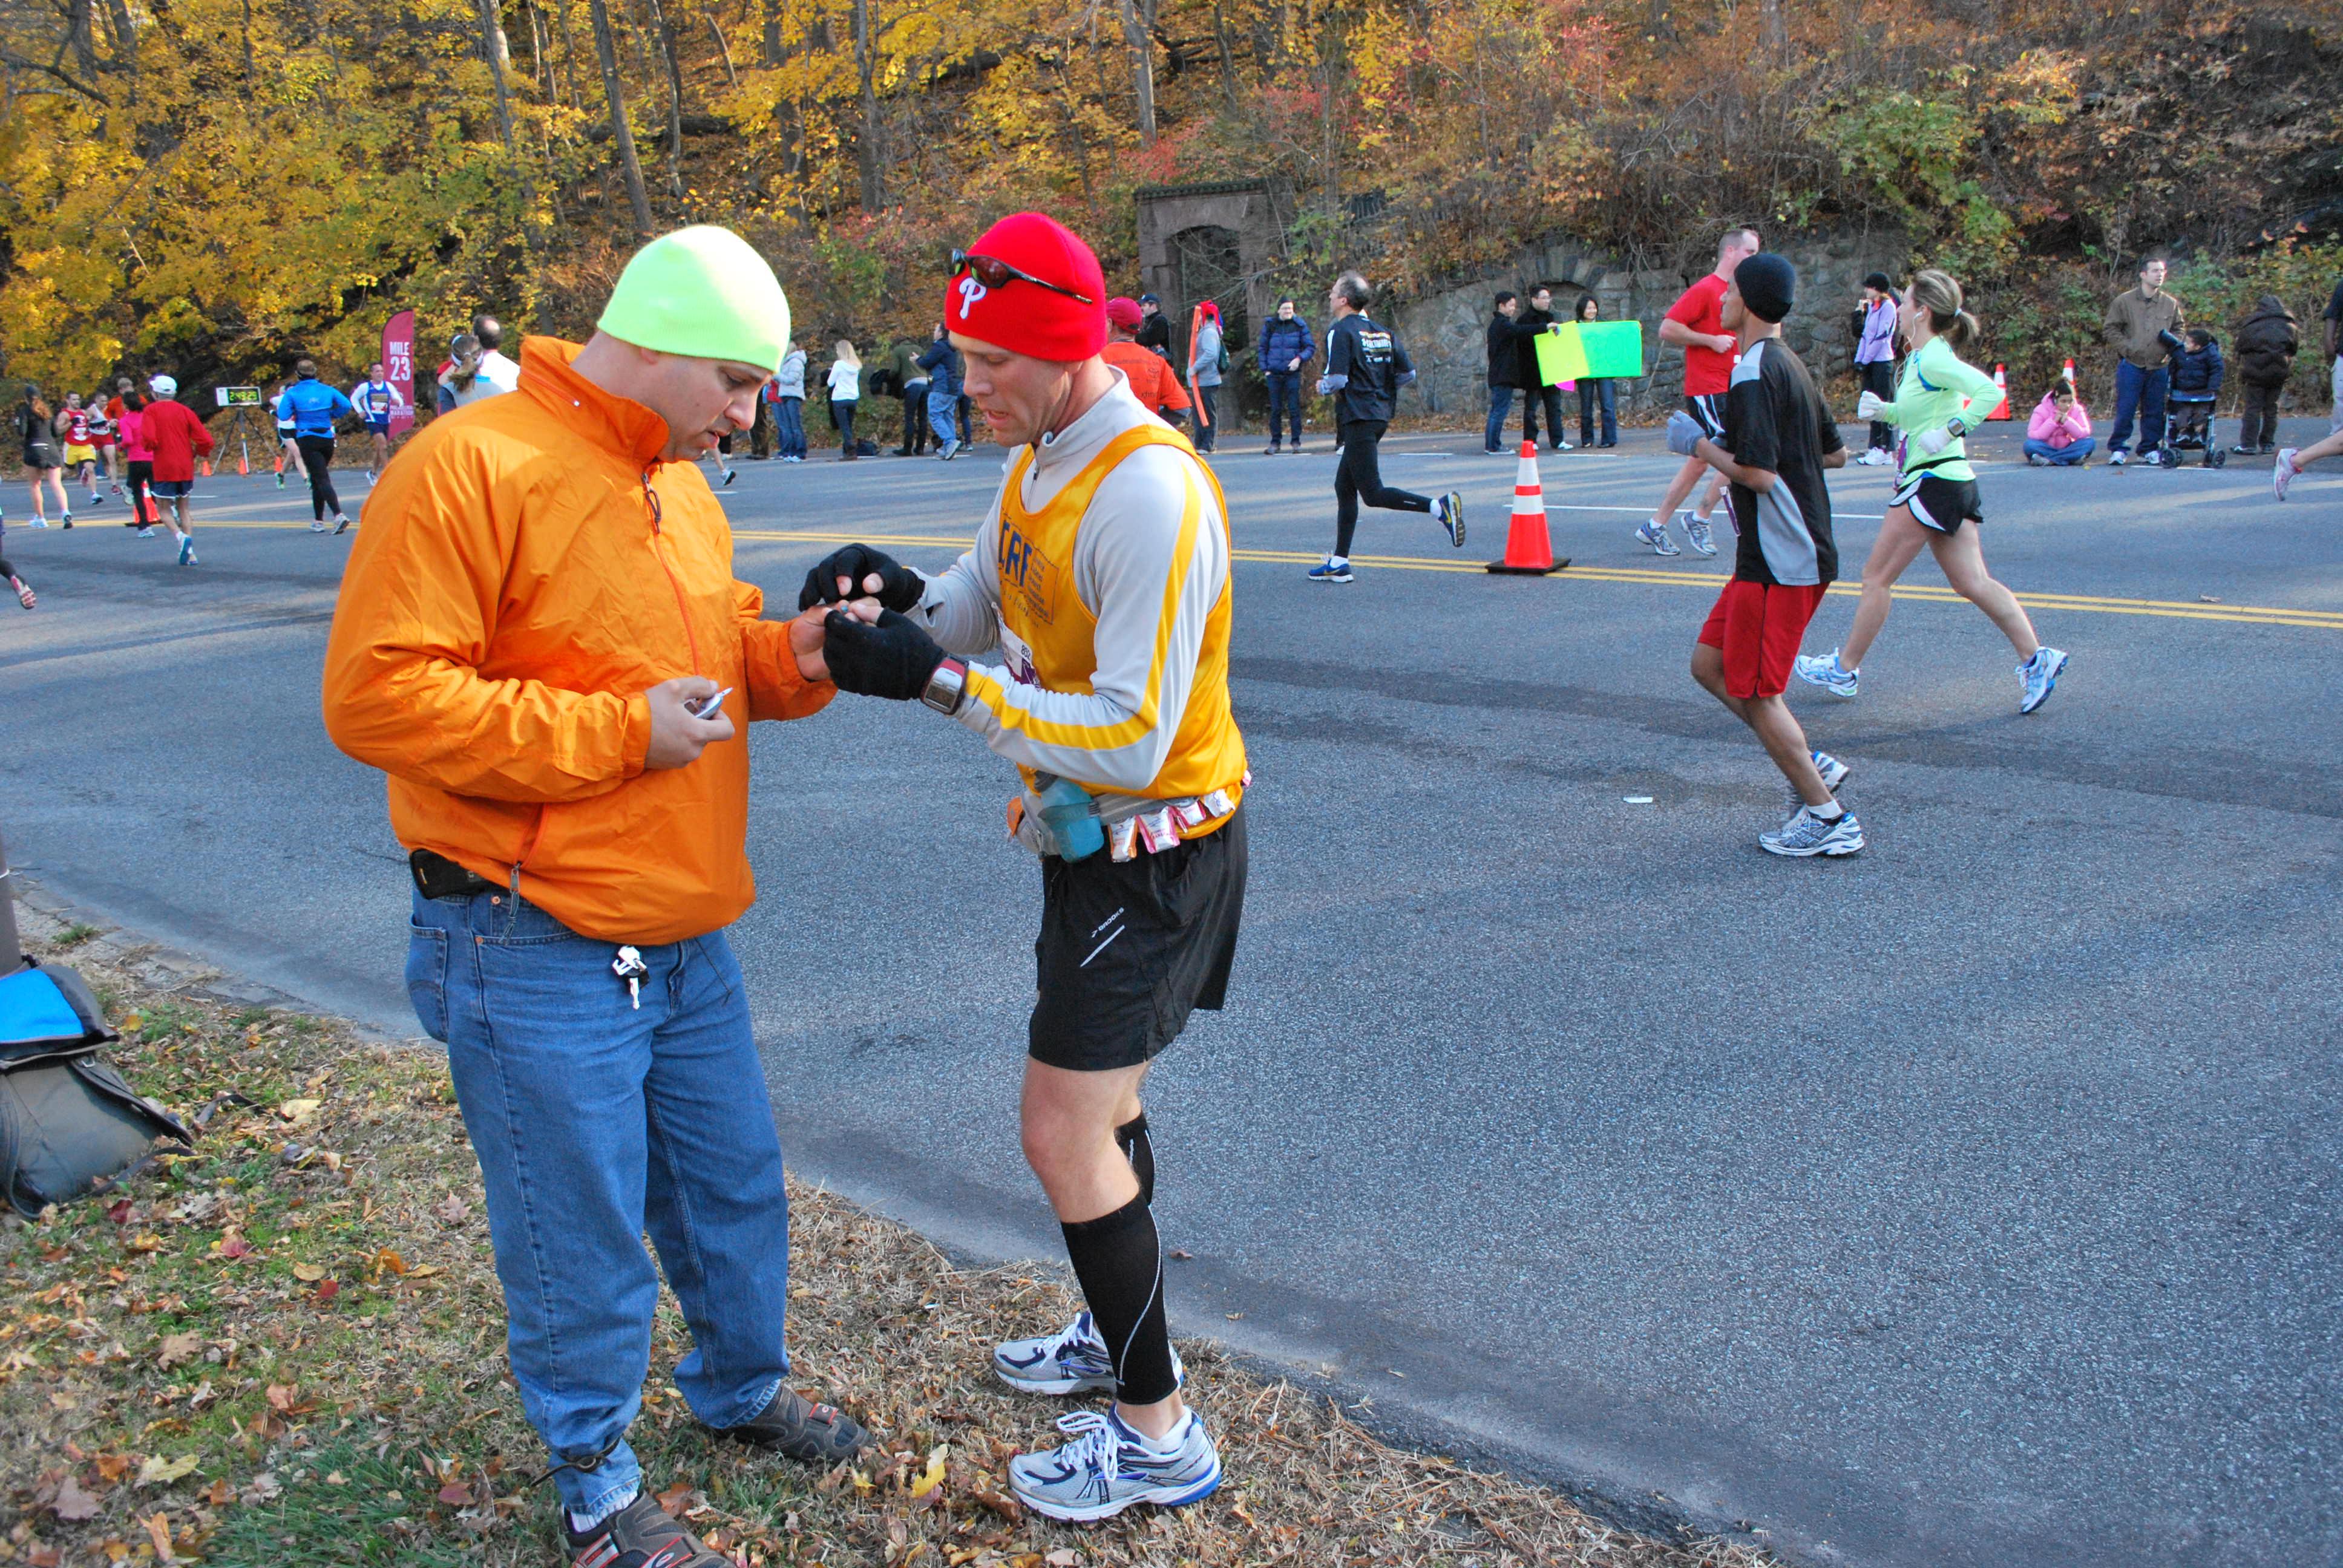 2010 Philadelphia Marathon